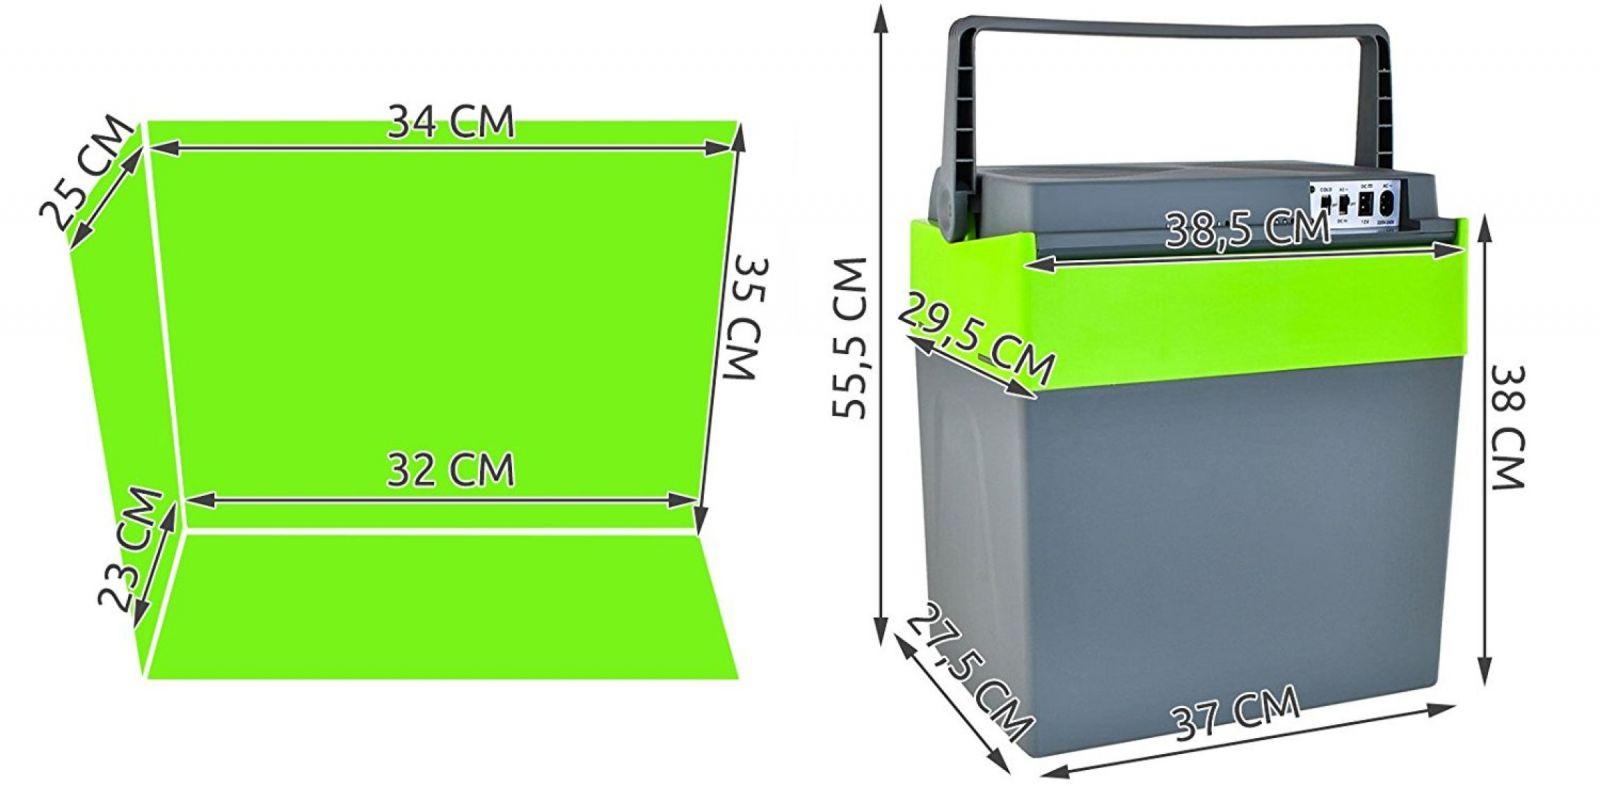 Autolednice, CHLADÍCÍ BOX 30 litrů, 12V / 230V, Eco A++, hlučnost 47dB Vyrobeno v EU